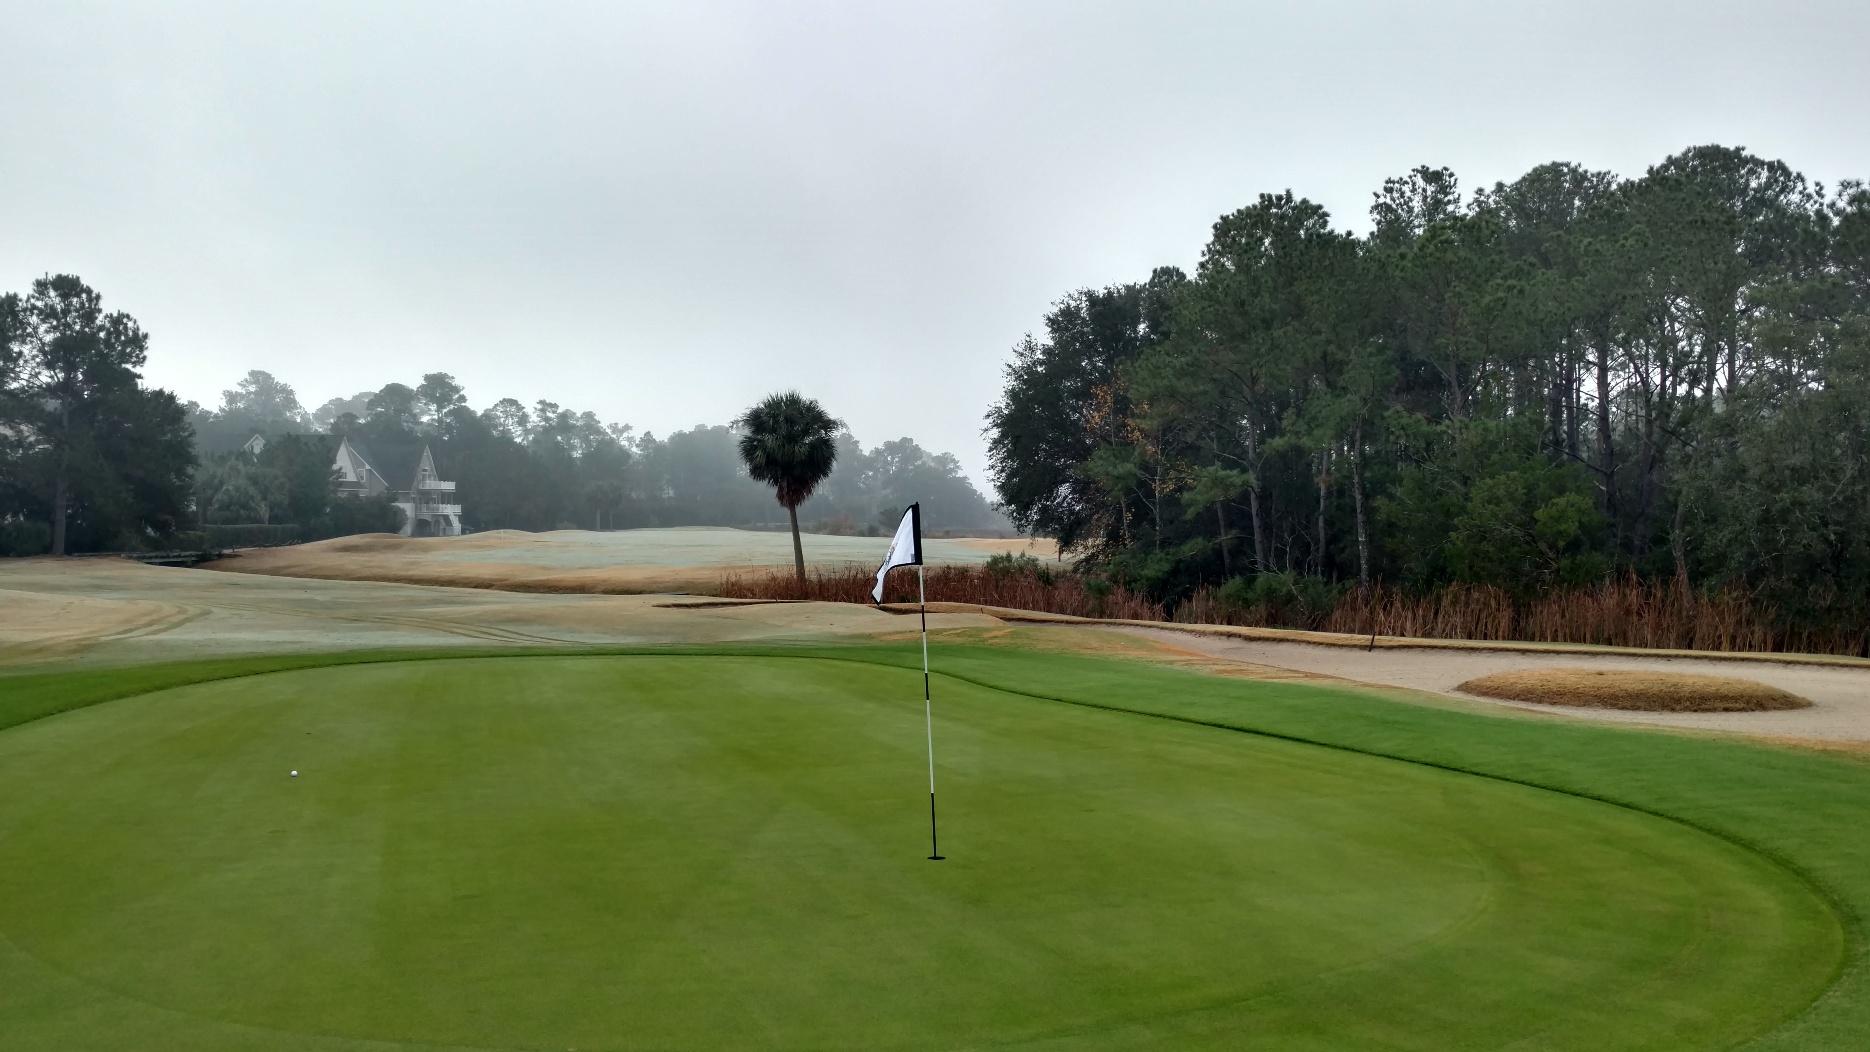 old south golf links bluffton sc on 12 23 17 vagolfguy. Black Bedroom Furniture Sets. Home Design Ideas